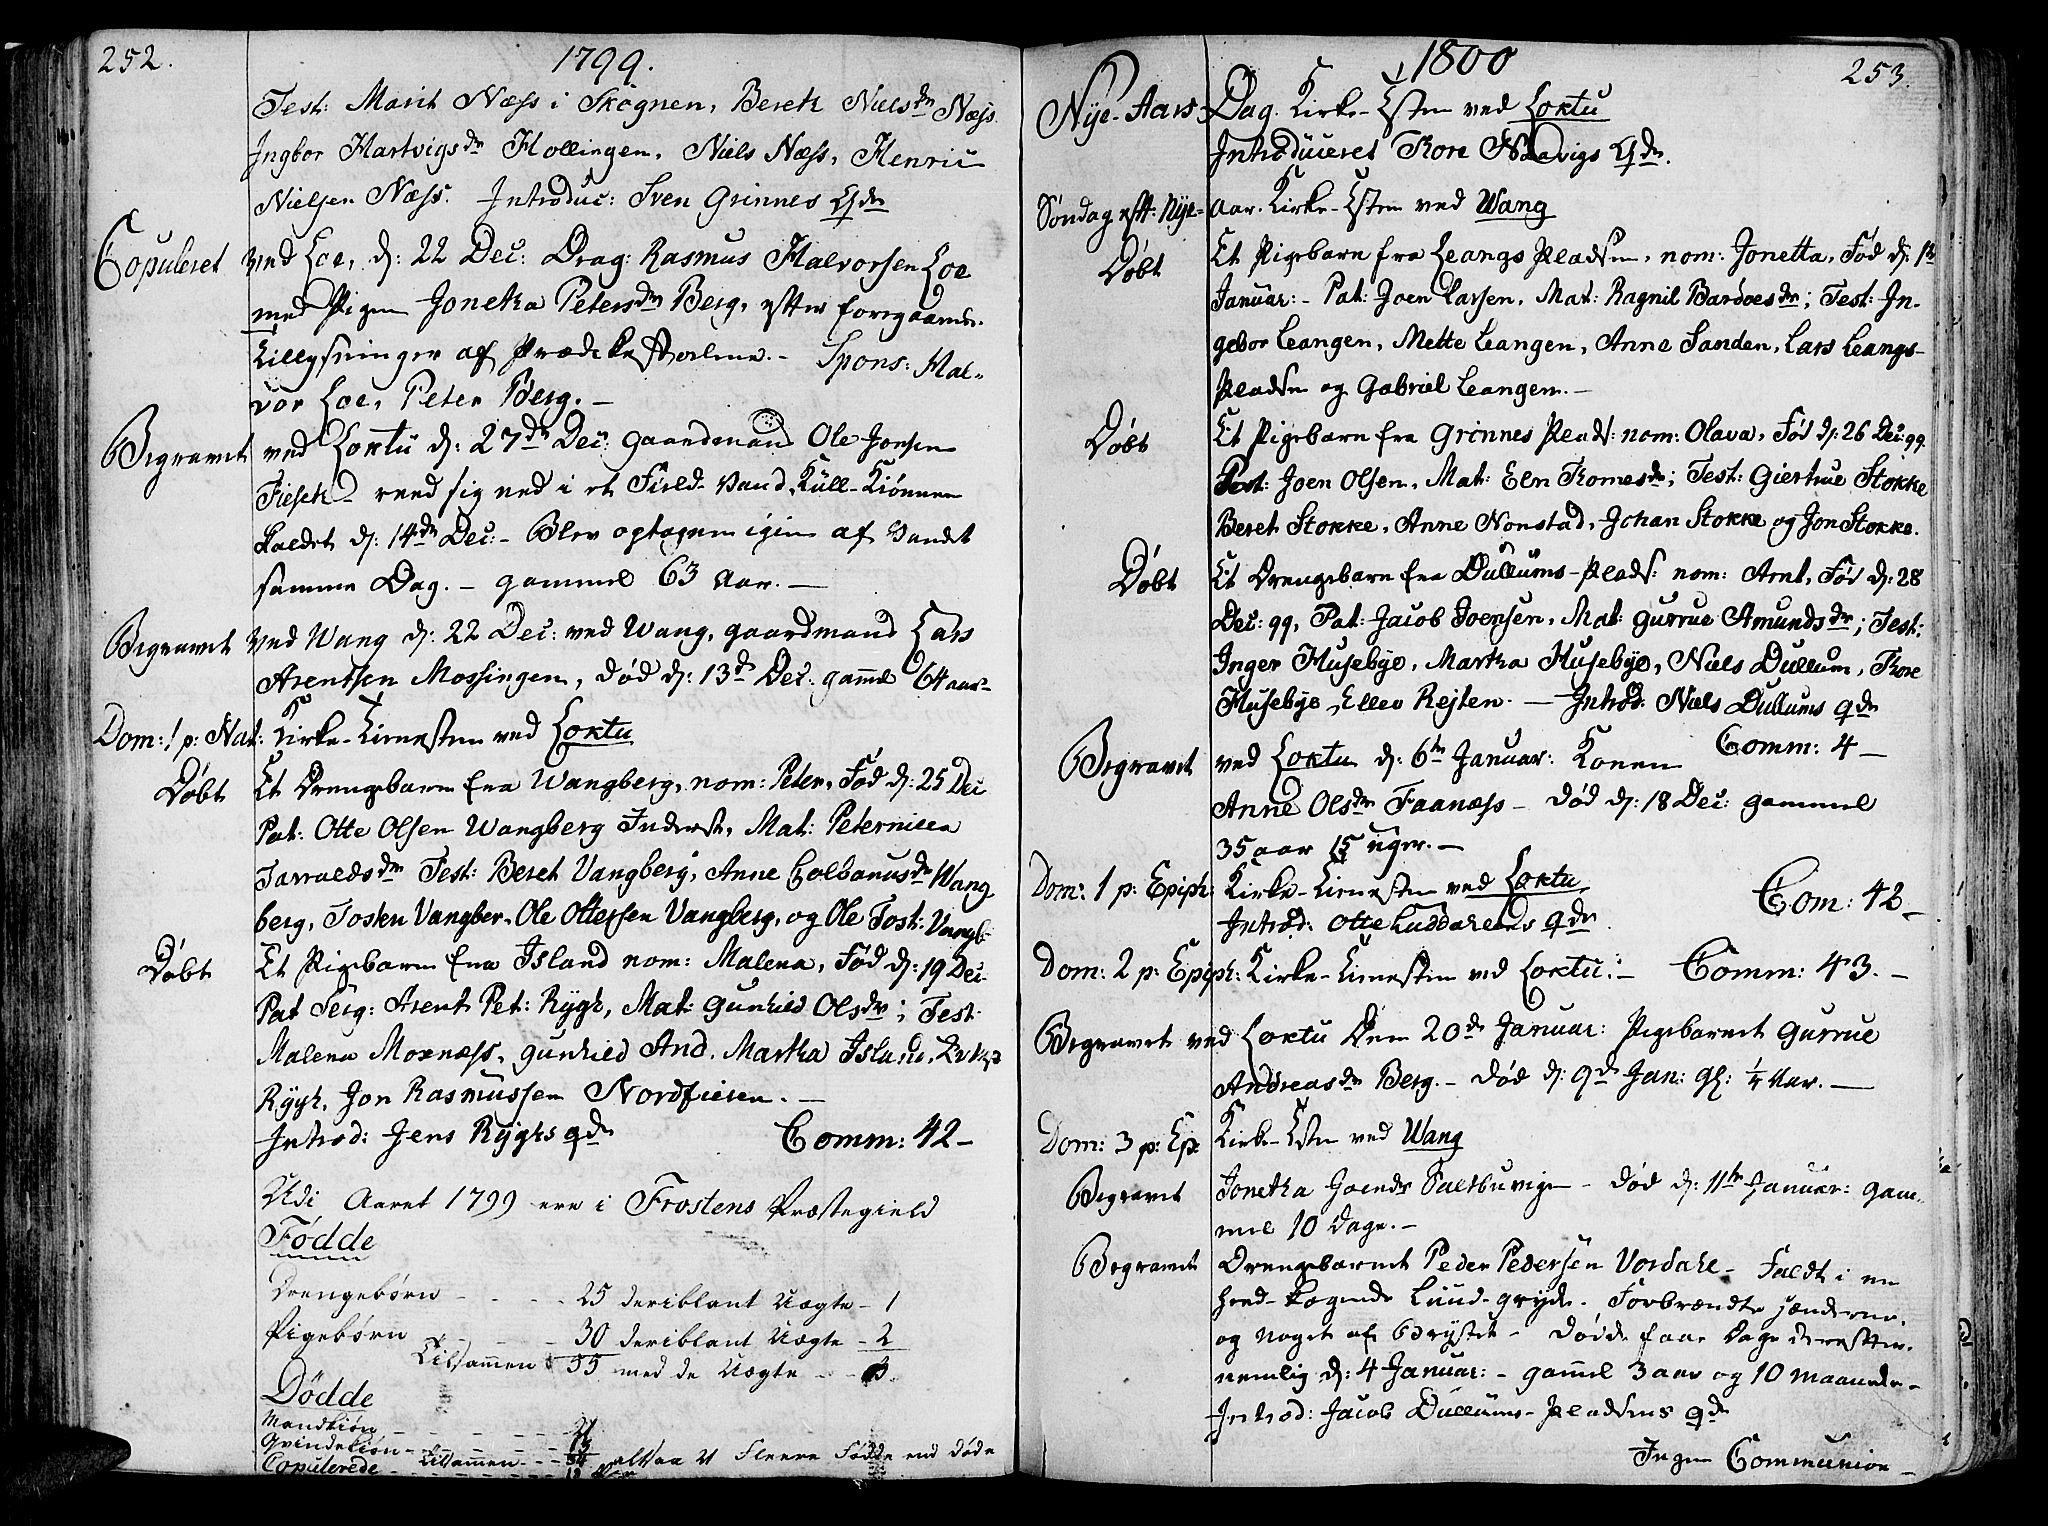 SAT, Ministerialprotokoller, klokkerbøker og fødselsregistre - Nord-Trøndelag, 713/L0110: Ministerialbok nr. 713A02, 1778-1811, s. 252-253